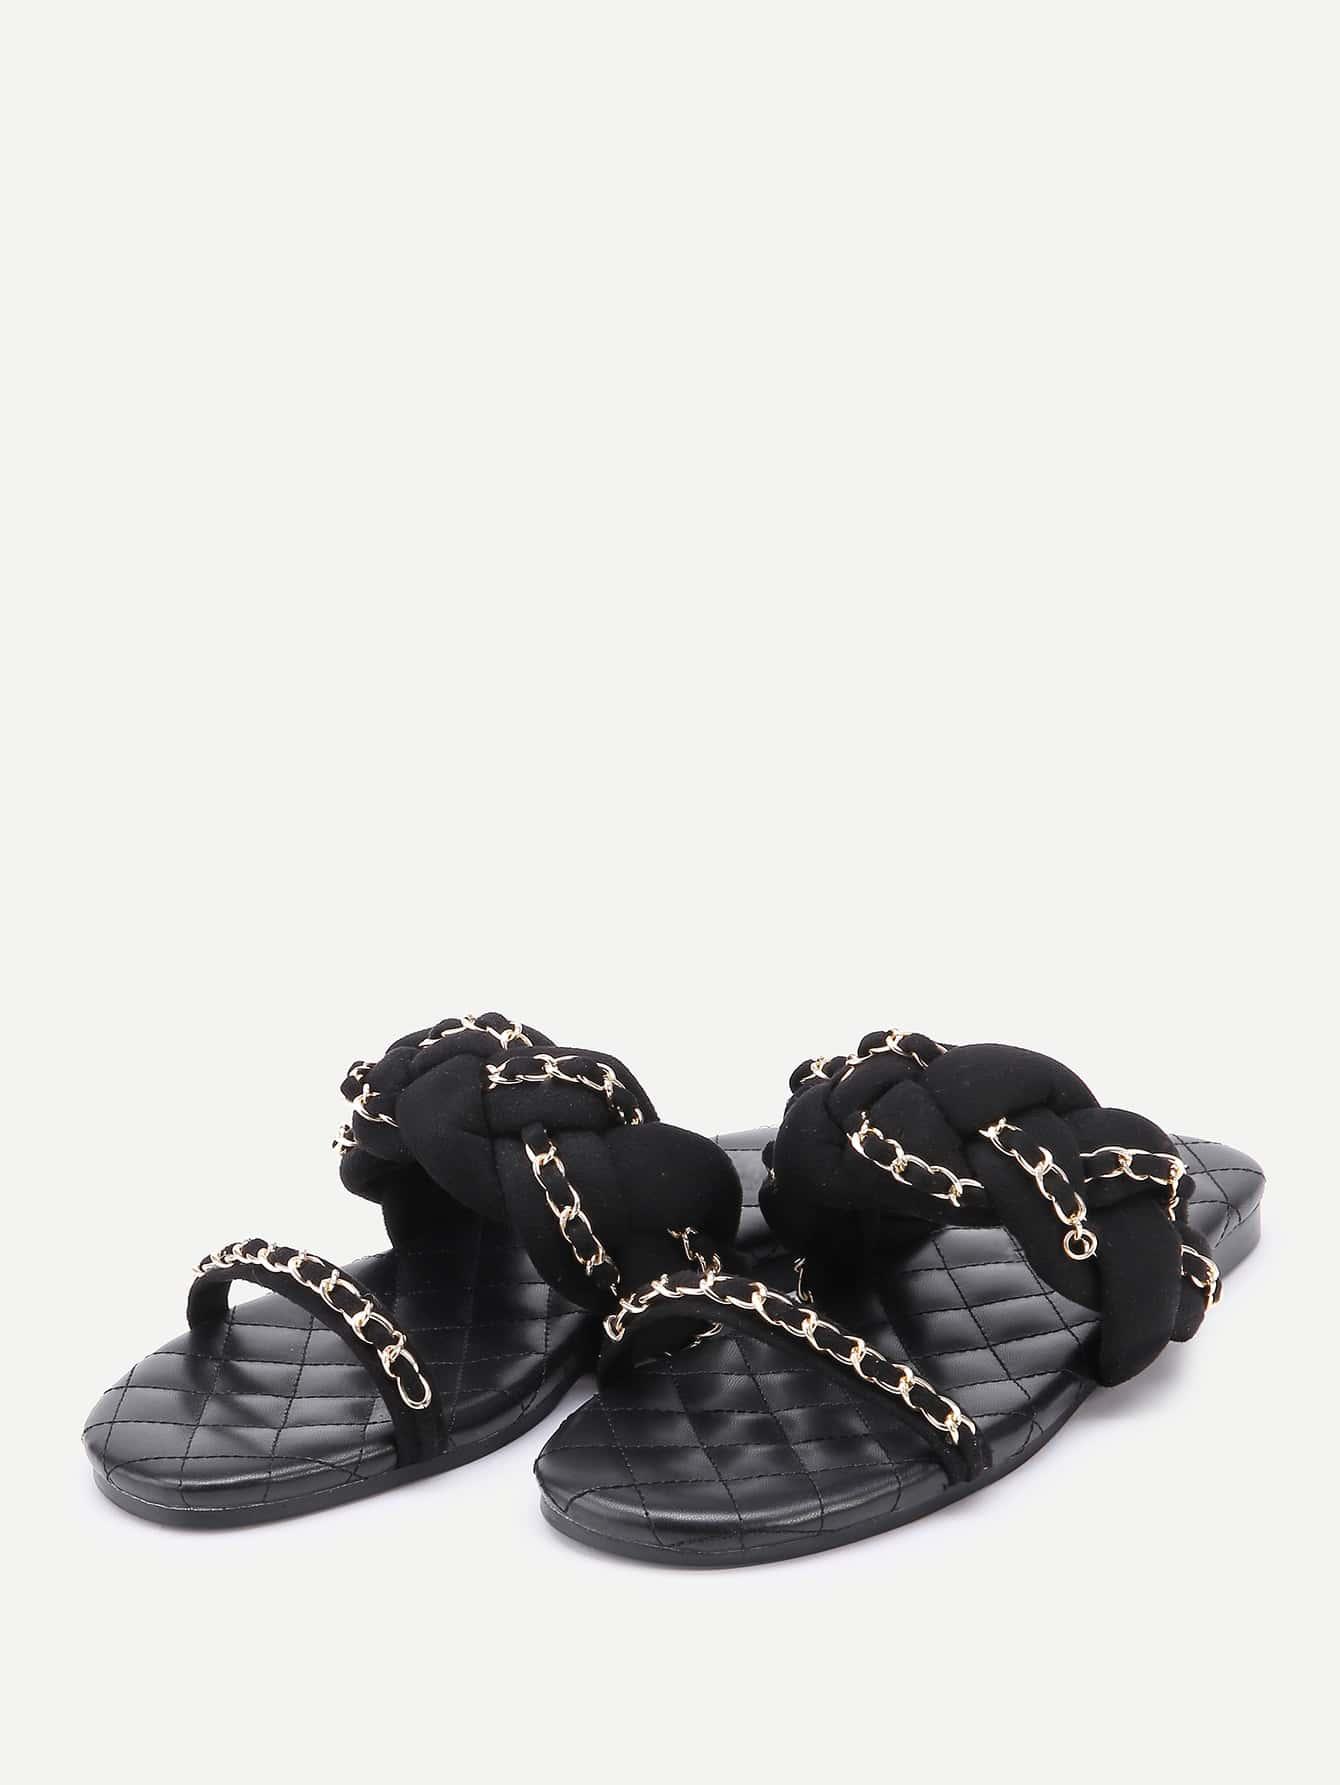 shoes170403814_2